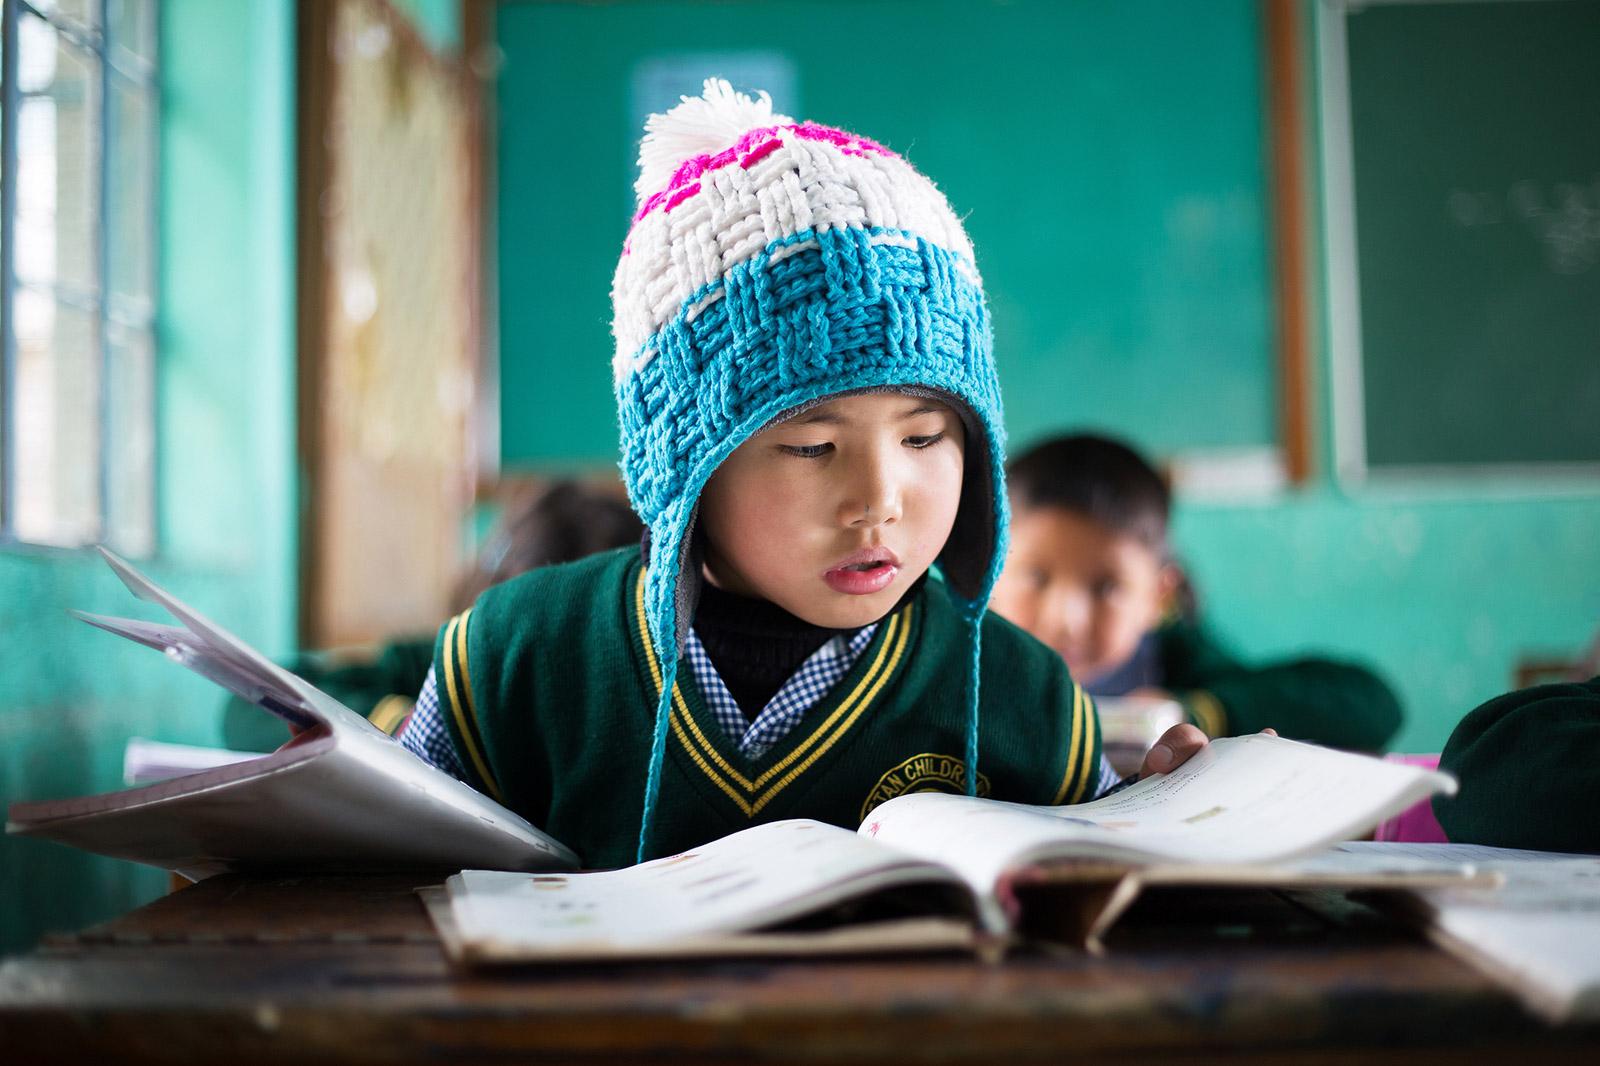 Les enfants apprennent en priorité le tibétain, mais l'hindi e